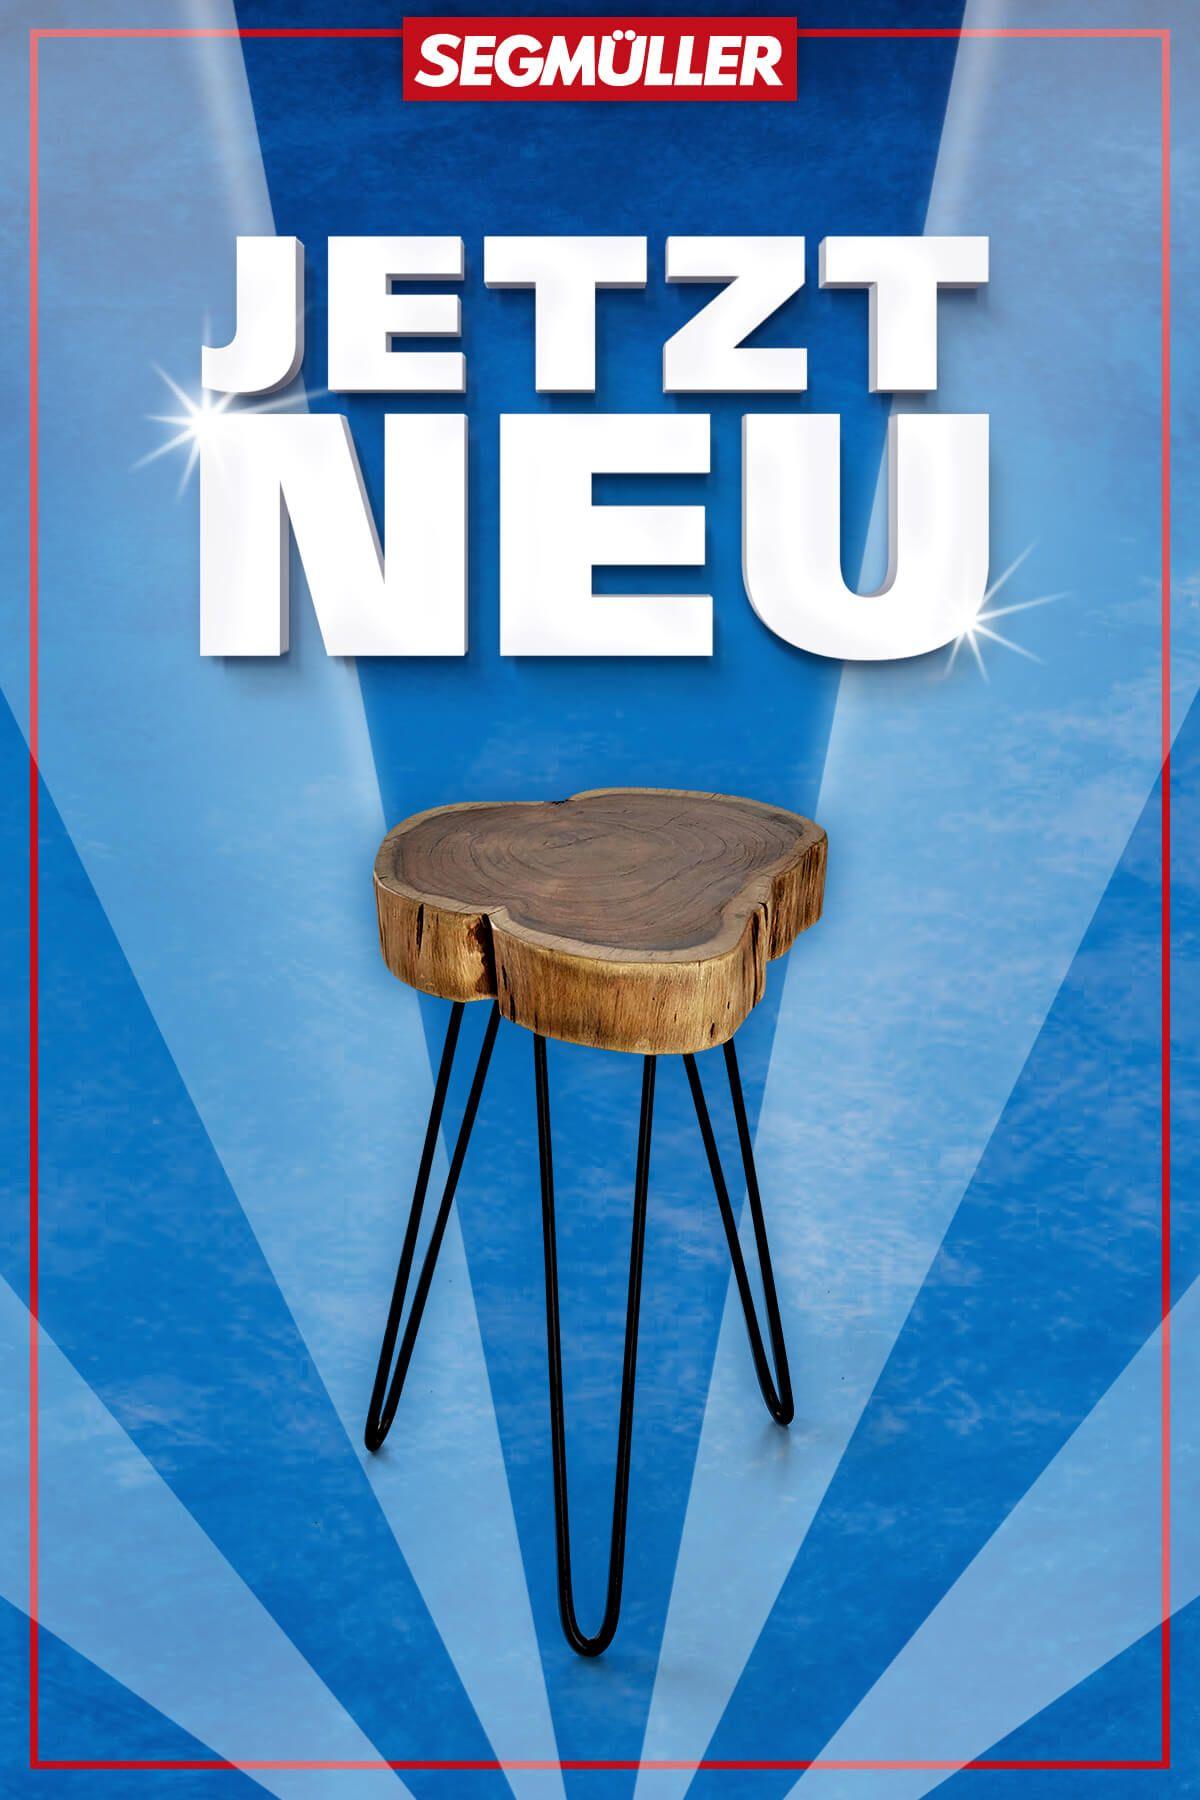 Tischplatte Aus Massiver Und Geolter Akazie Gestell Aus Stahl In Lack Schwarz Breite 32 00 Cm Hohe 45 00 Cm Tiefe 3 In 2020 Tisch Beistelltisch Einrichtungsideen